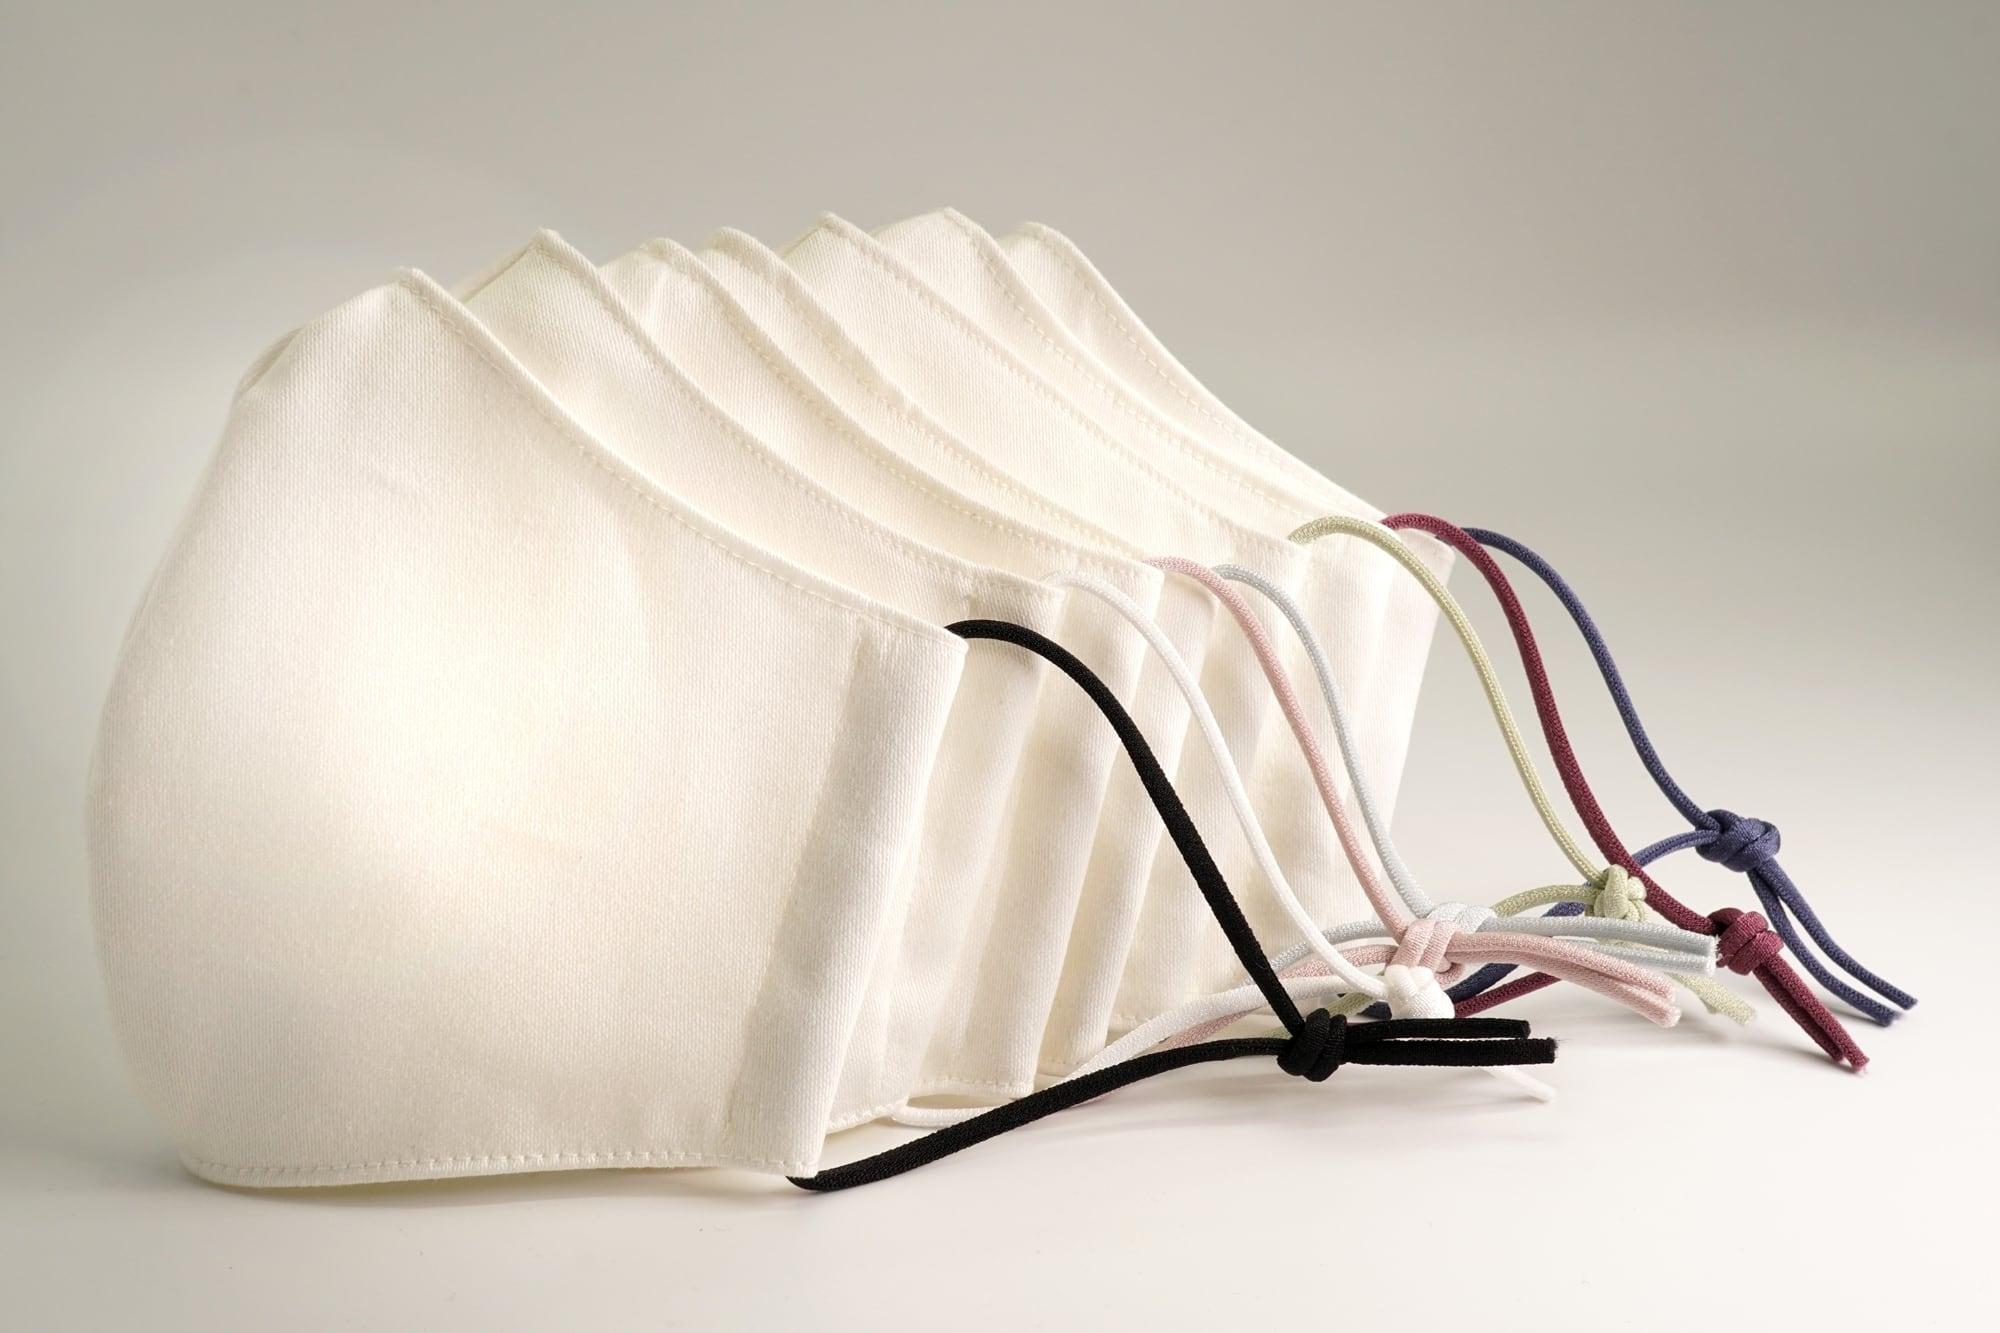 【セール】上品カラーゴム紐の洗える布マスク【選べる7色】